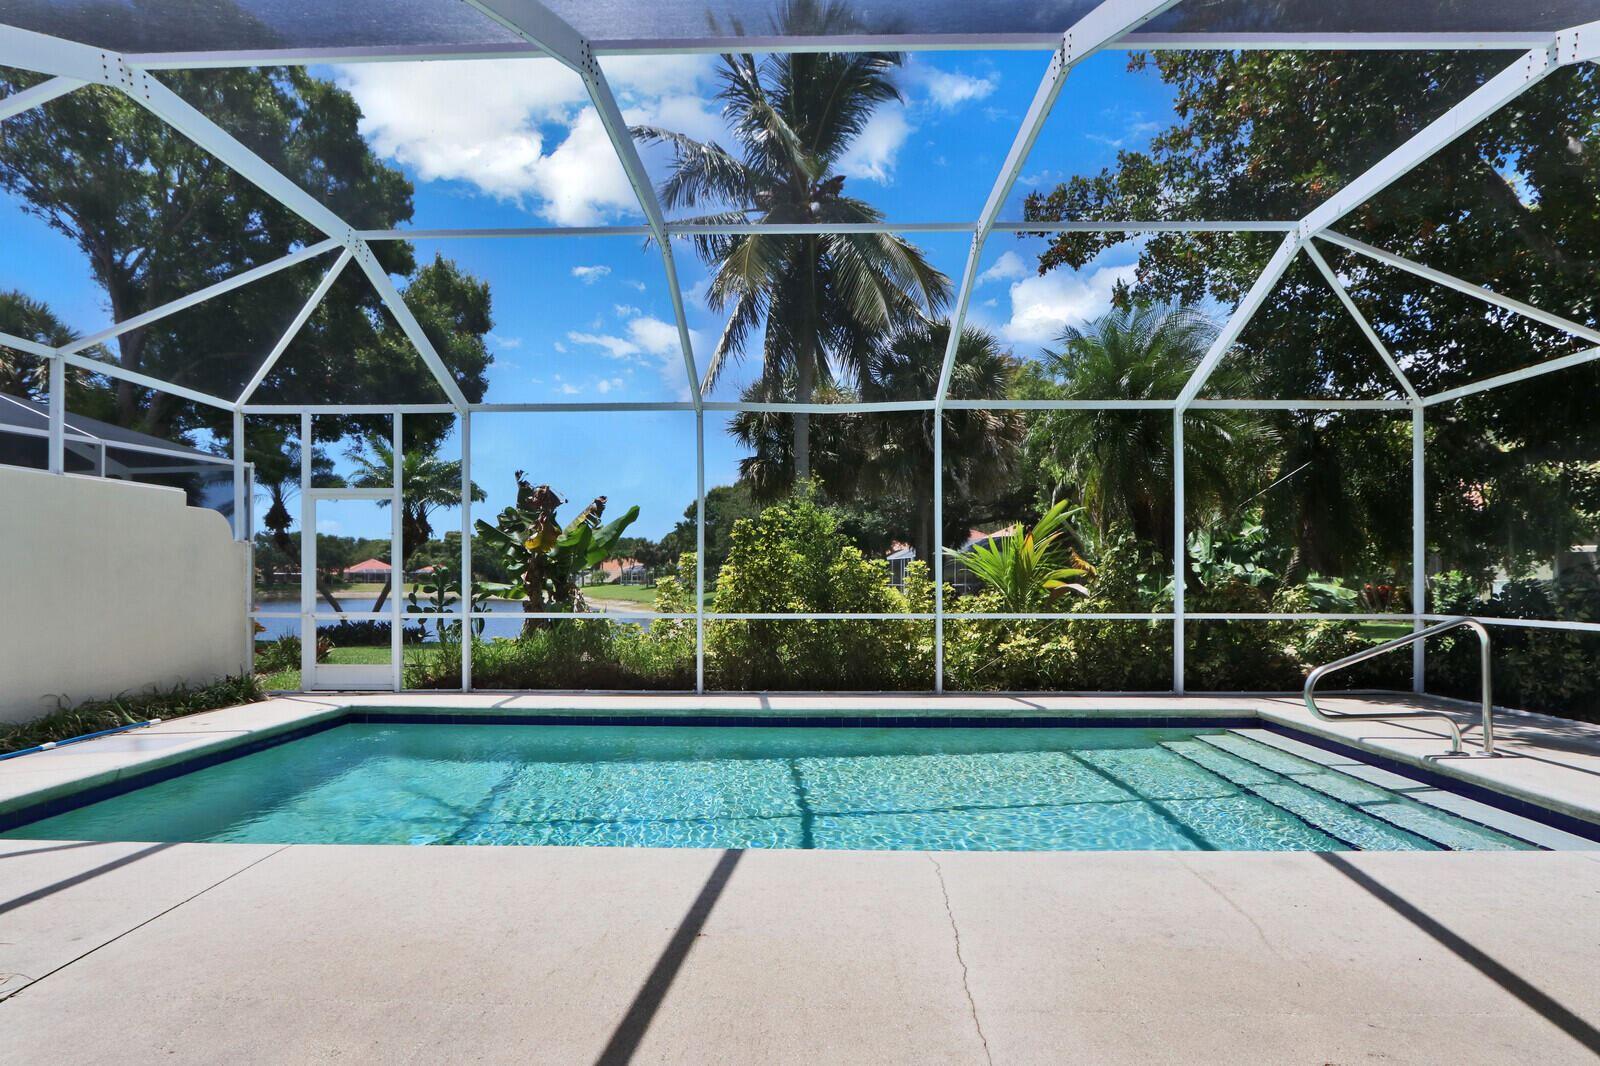 Photo of 200 E Tall Oaks Circle, Palm Beach Gardens, FL 33410 (MLS # RX-10724221)